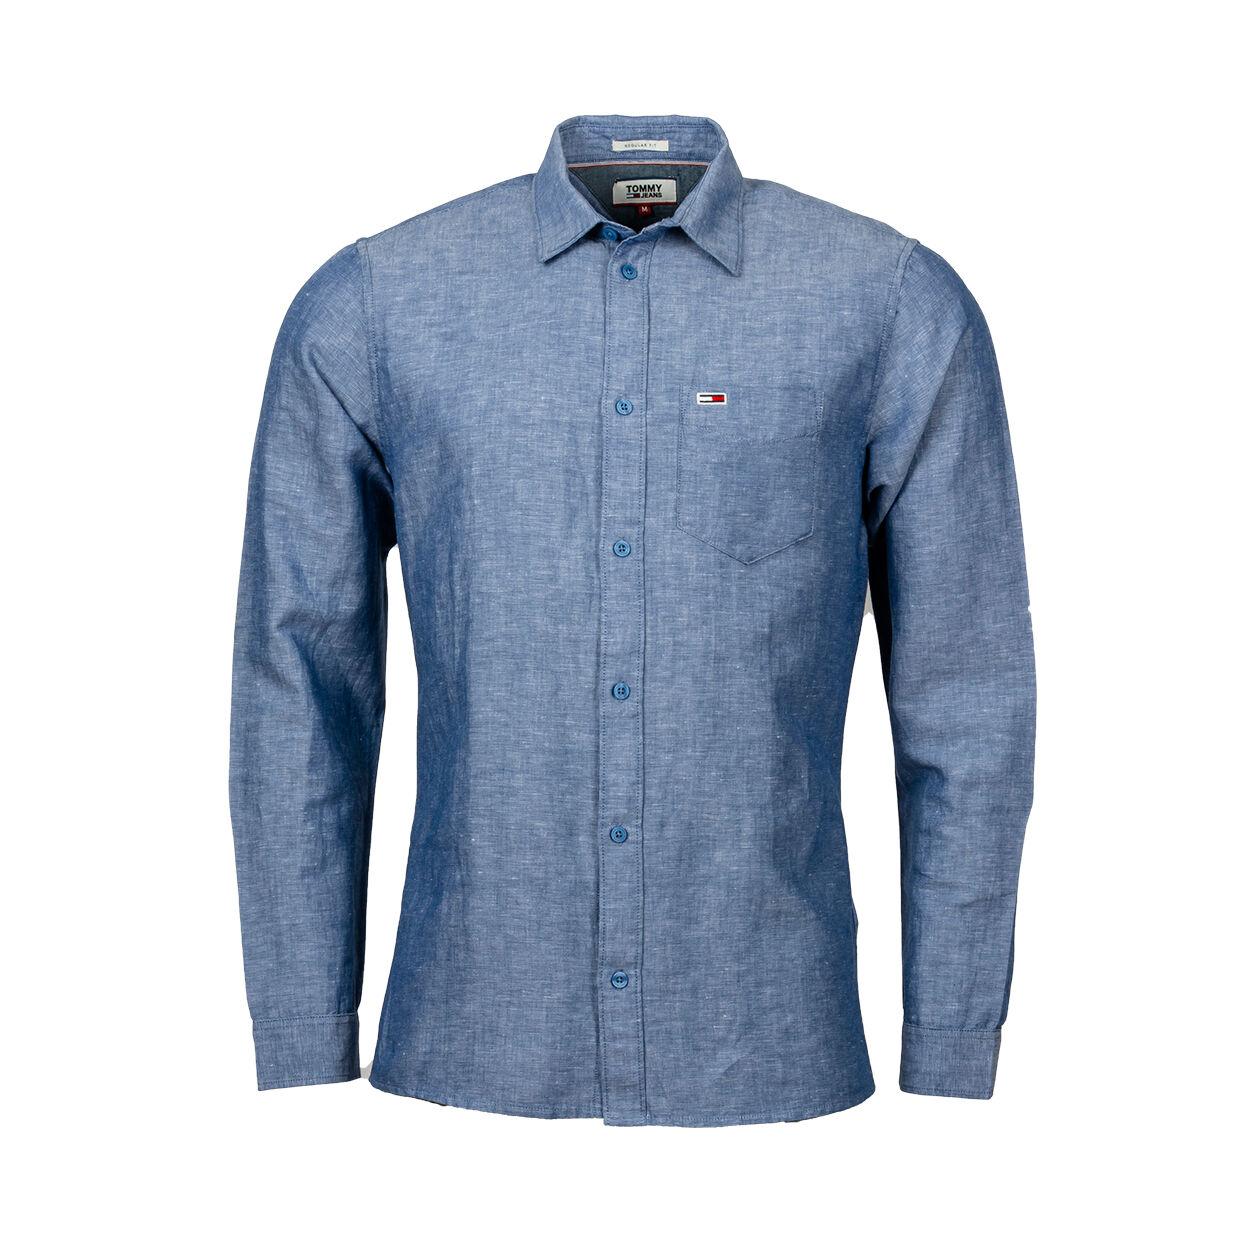 Tommy Jeans Chemise coupe droite manches longues Tommy Jeans Linen Blend en lin bleu effet denim - BLEU - XL